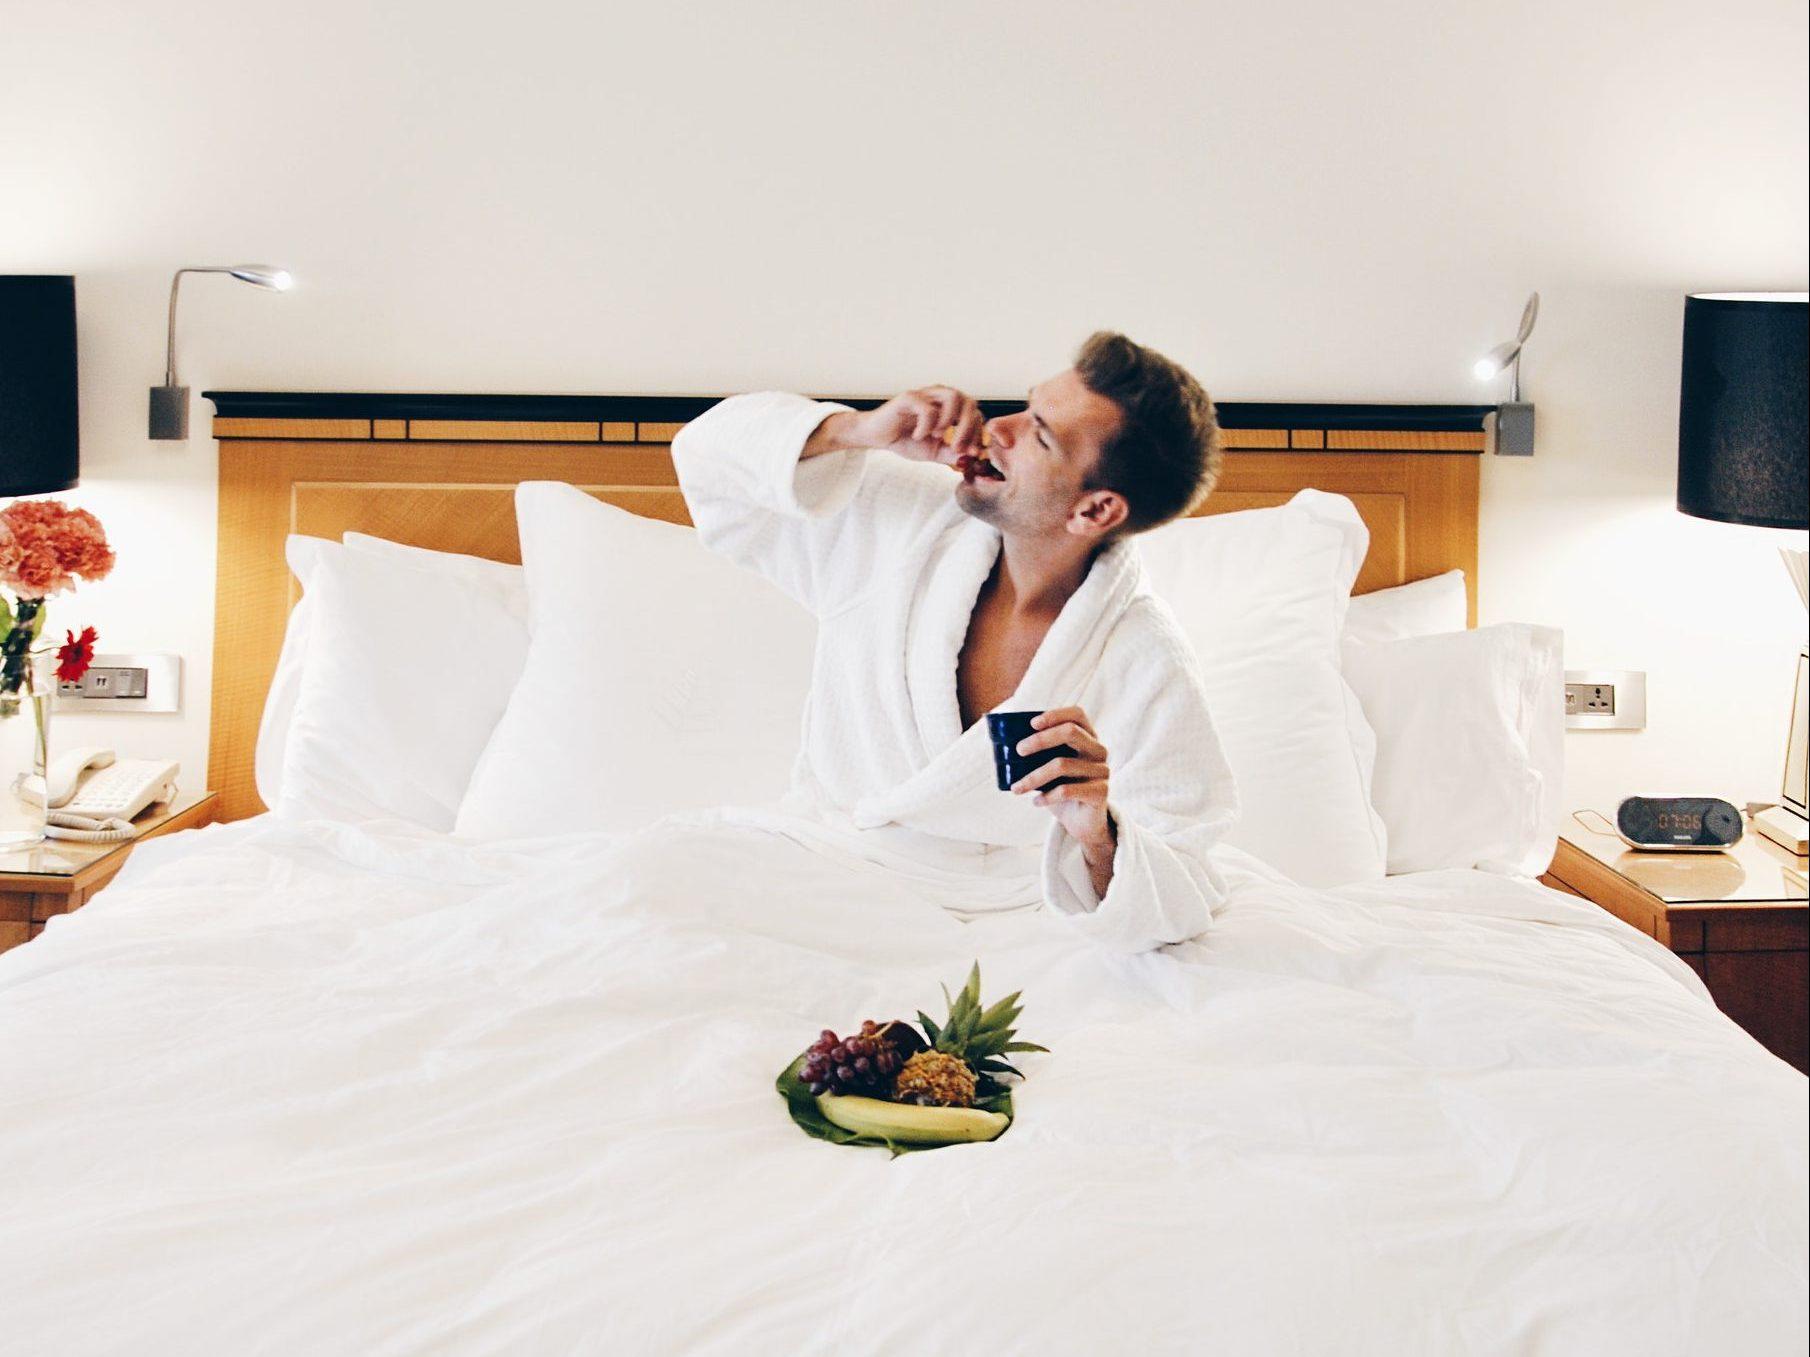 Szczęśliwy mężczyzna pije kawę w hotelowym łóżku. Przed nim talerz z owocami /Ilustracja do tekstu: Zadbaj o jakość nasienia latem